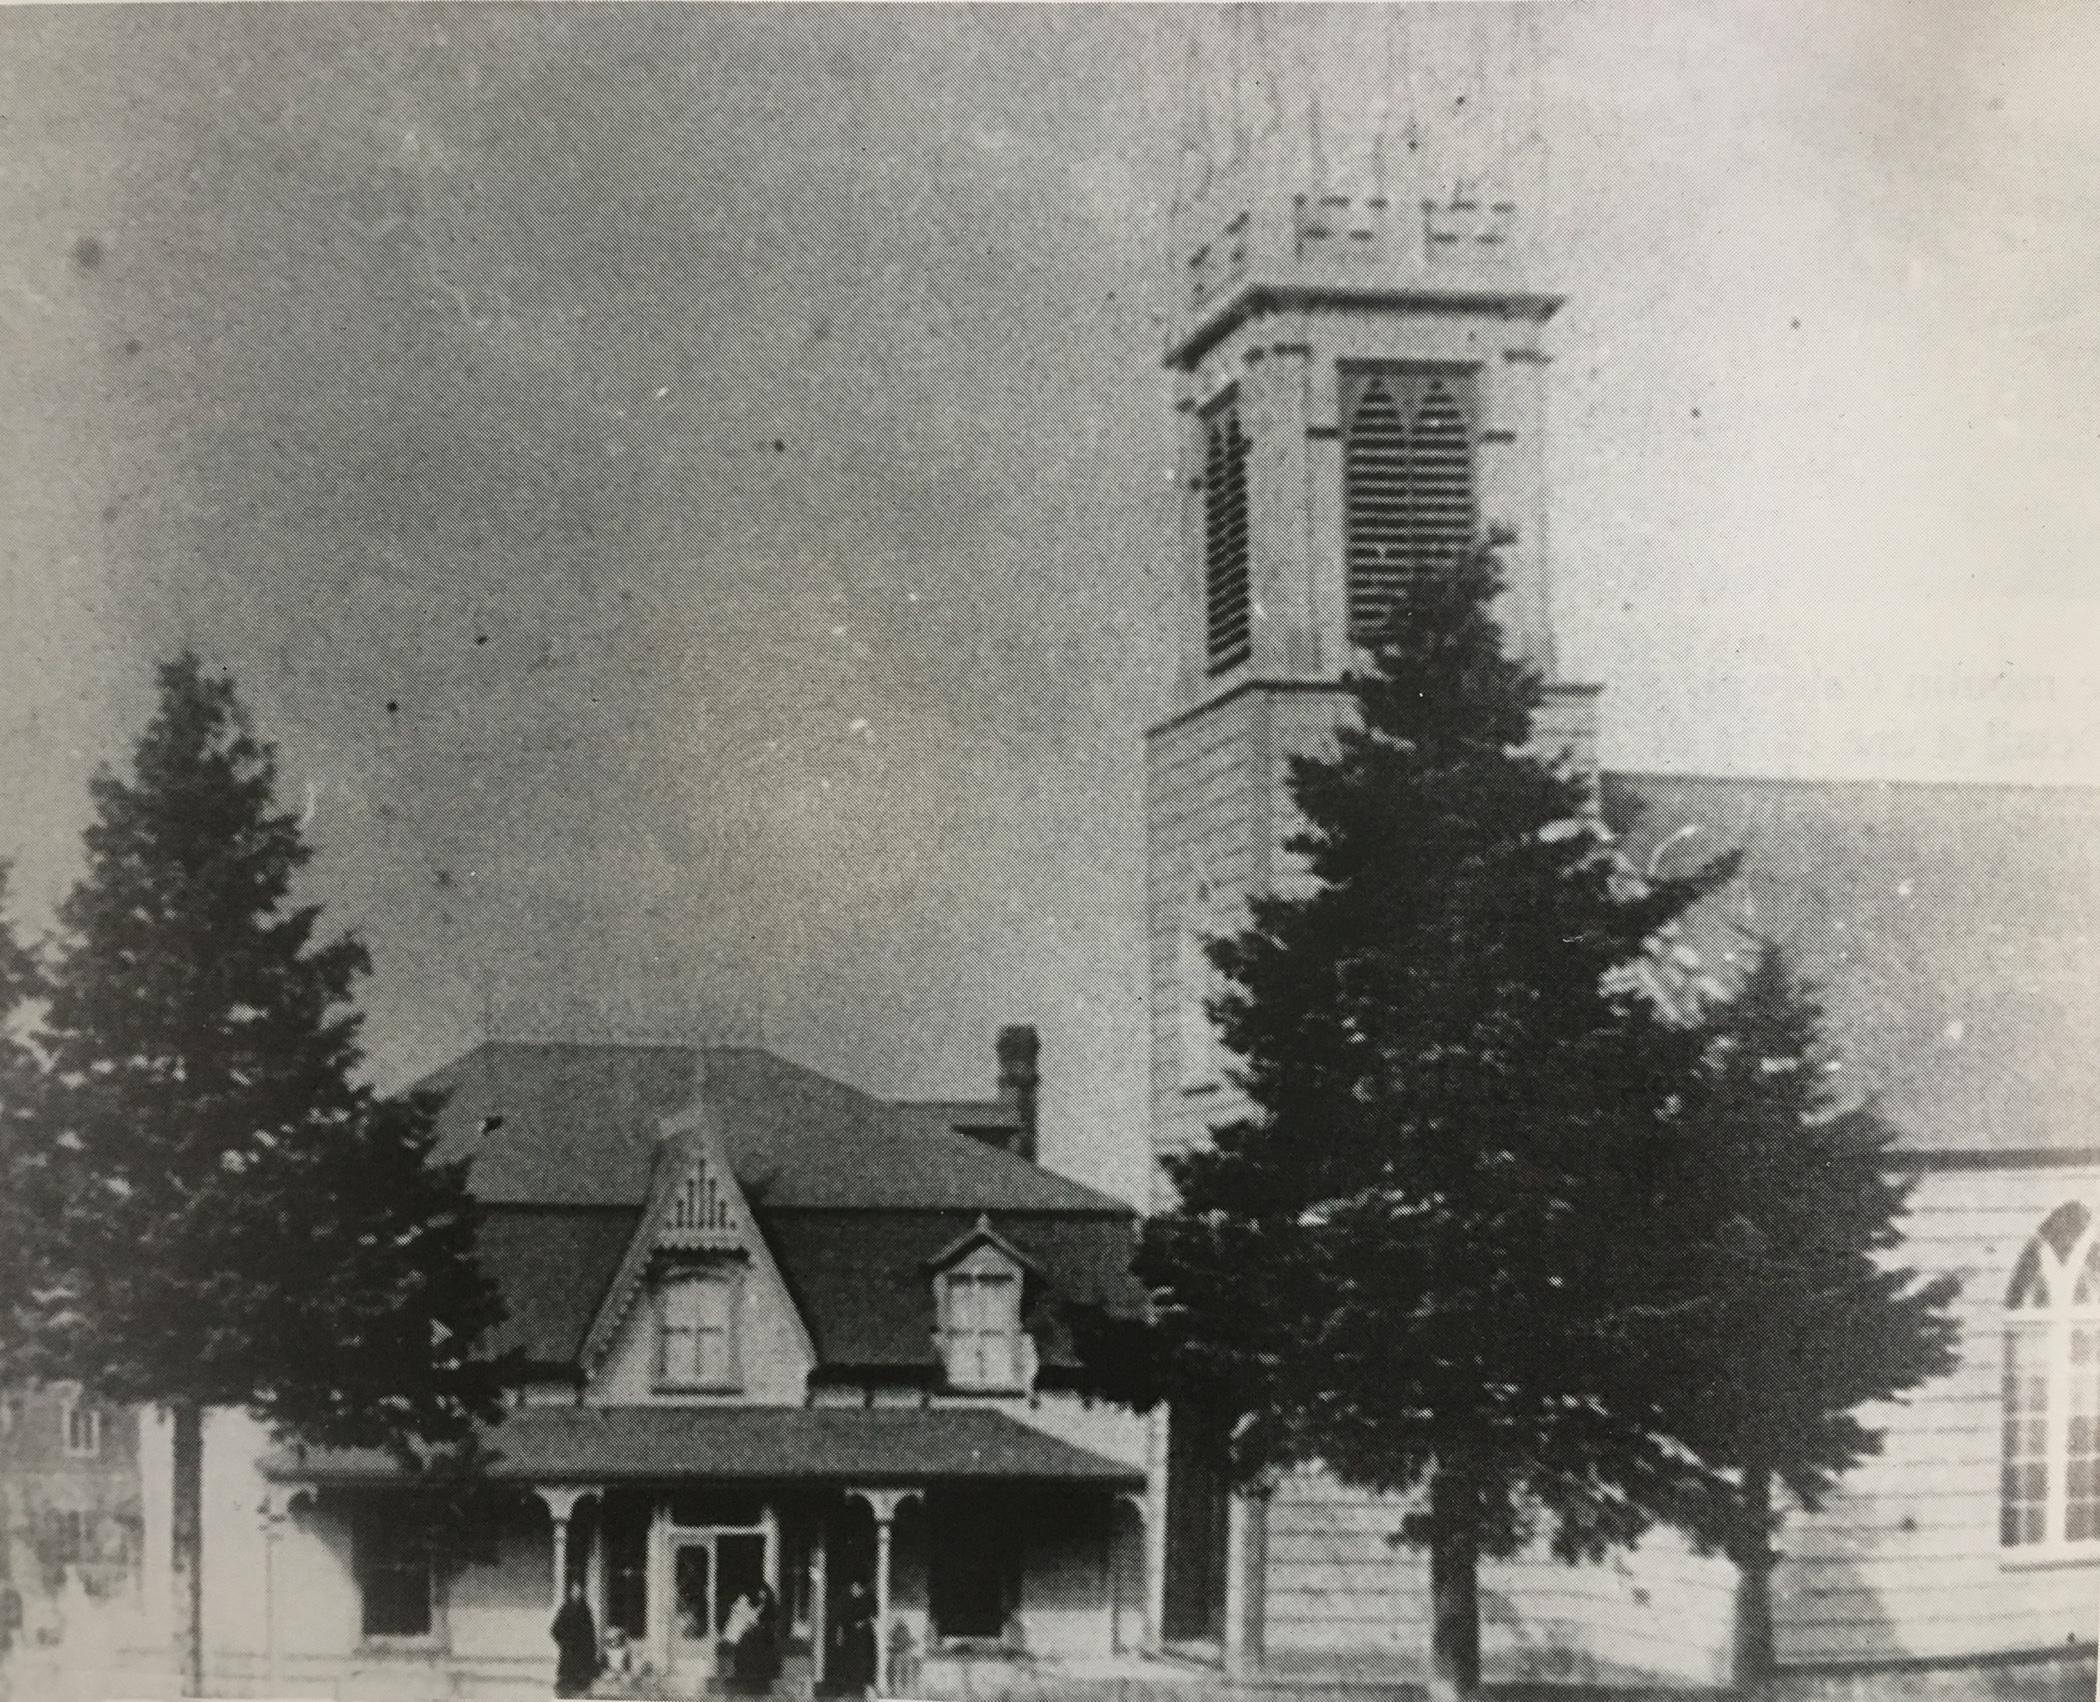 Photo noir et blanc d'une vieille église en bois, l'église anglicane St. Bartholomew surmontée d'un clocher en façade et de son presbytère à deux étages attenant.